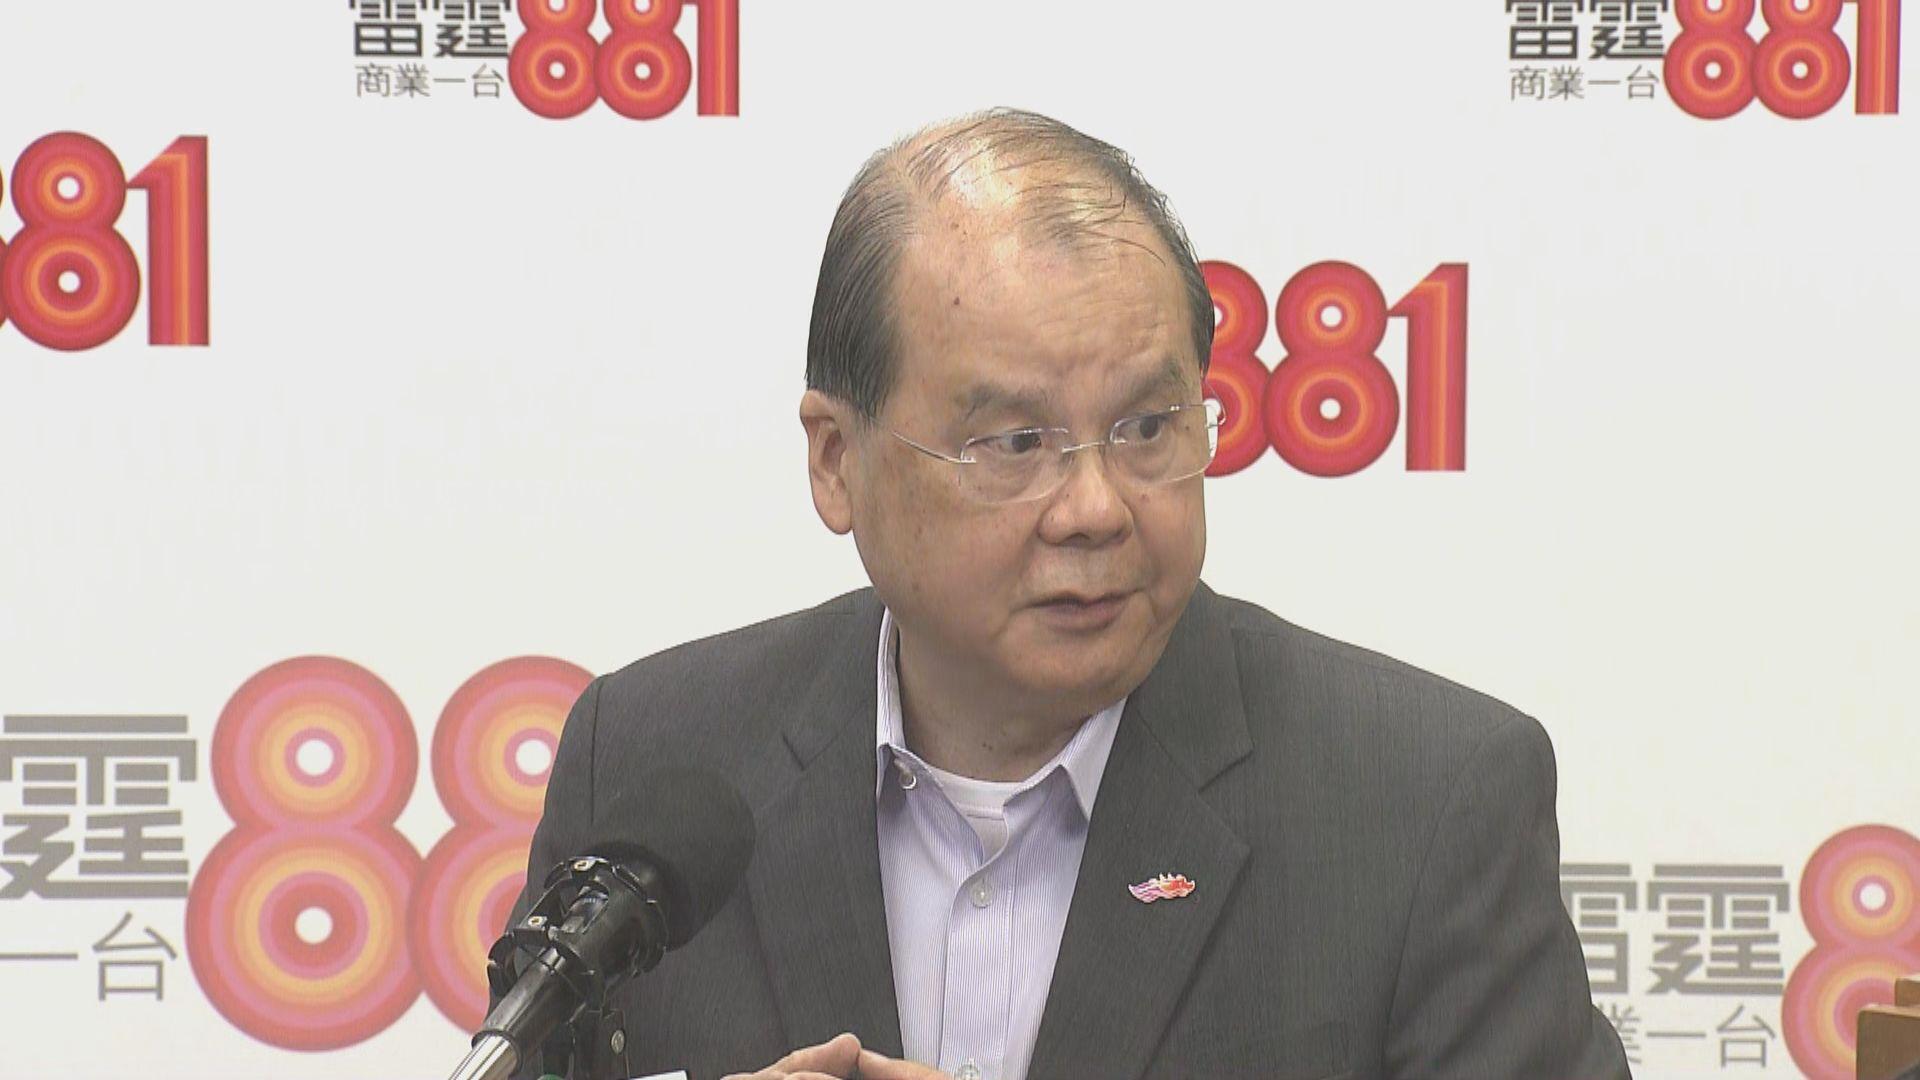 張建宗:公務員支持逃犯條例修訂無可厚非